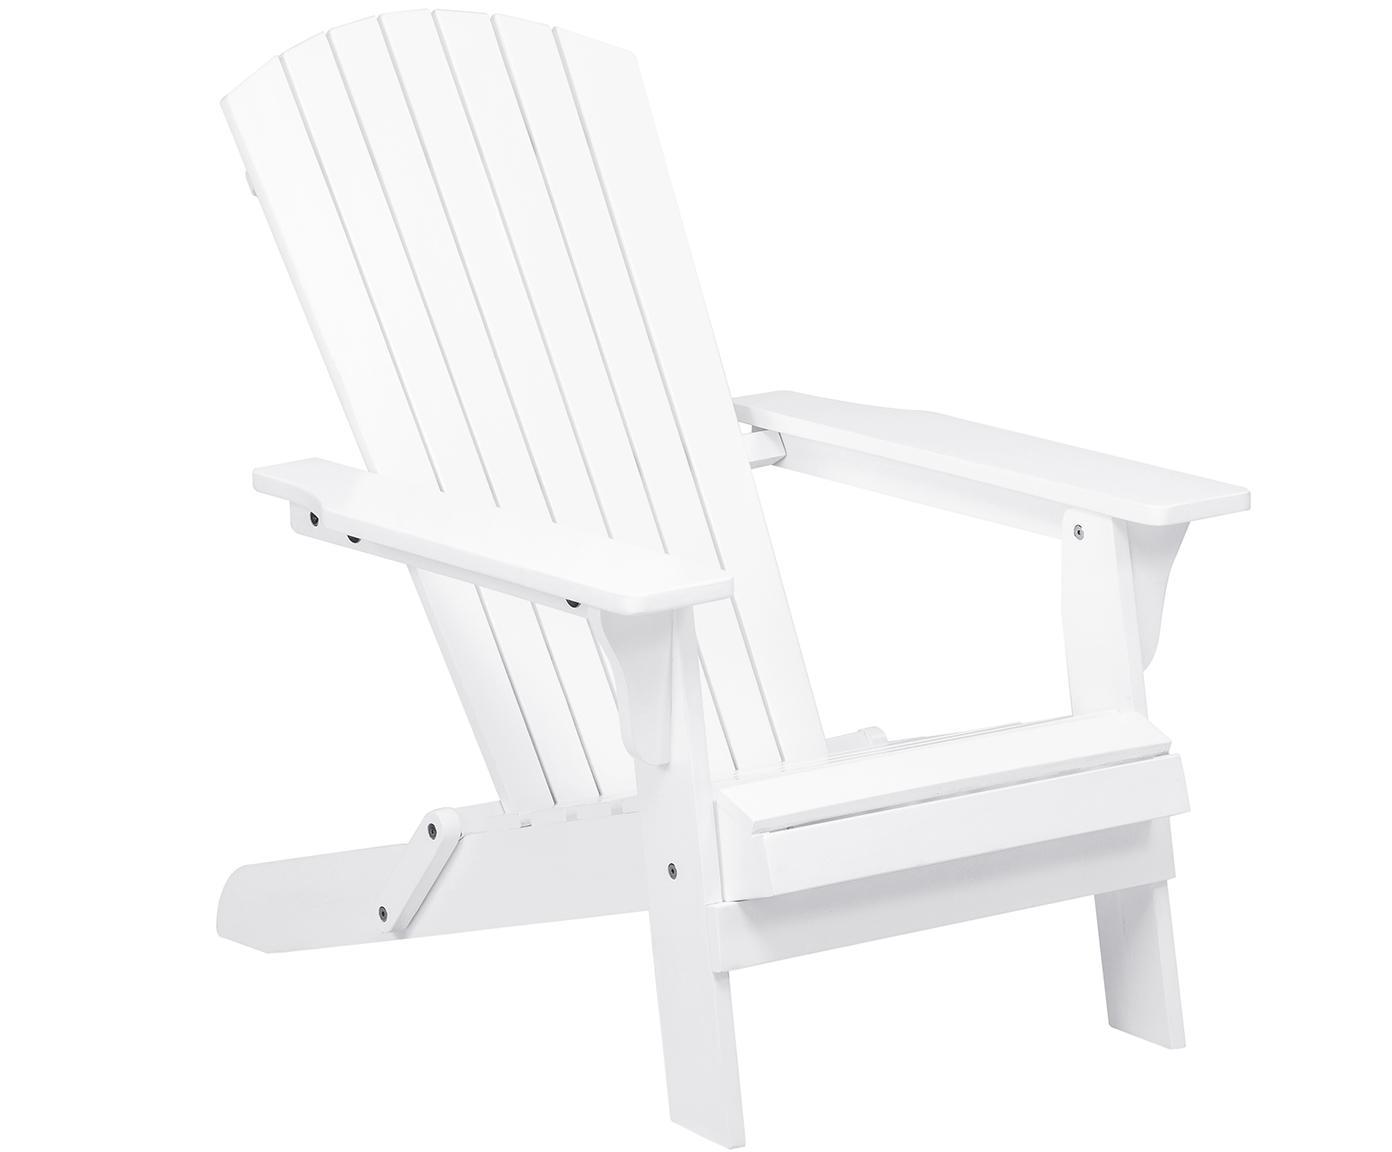 Fotel ogrodowy Charlie, Drewno akacjowe, lakierowane, Biały, S 93 x G 74 cm